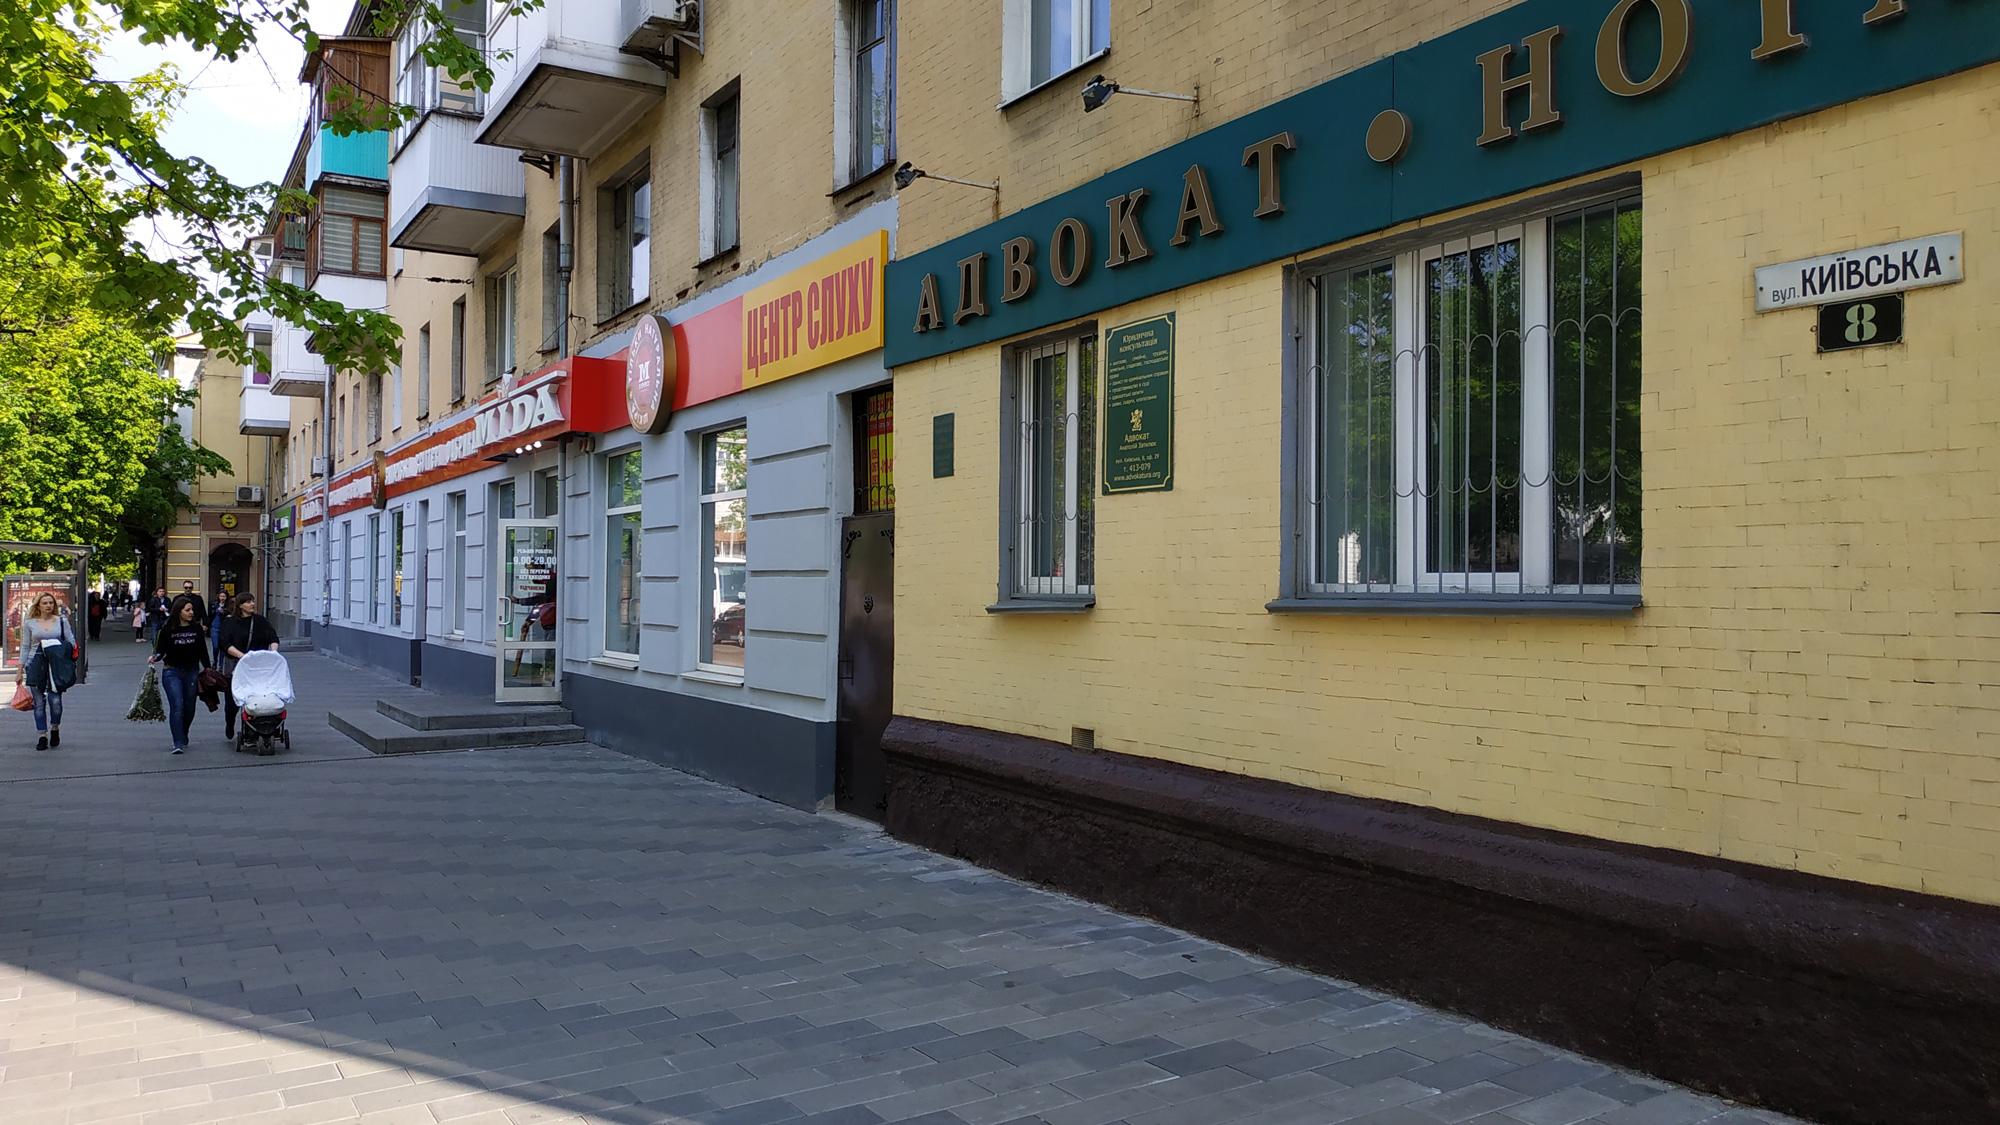 Адвокаты Житомира, юридическая помощь в Житомире